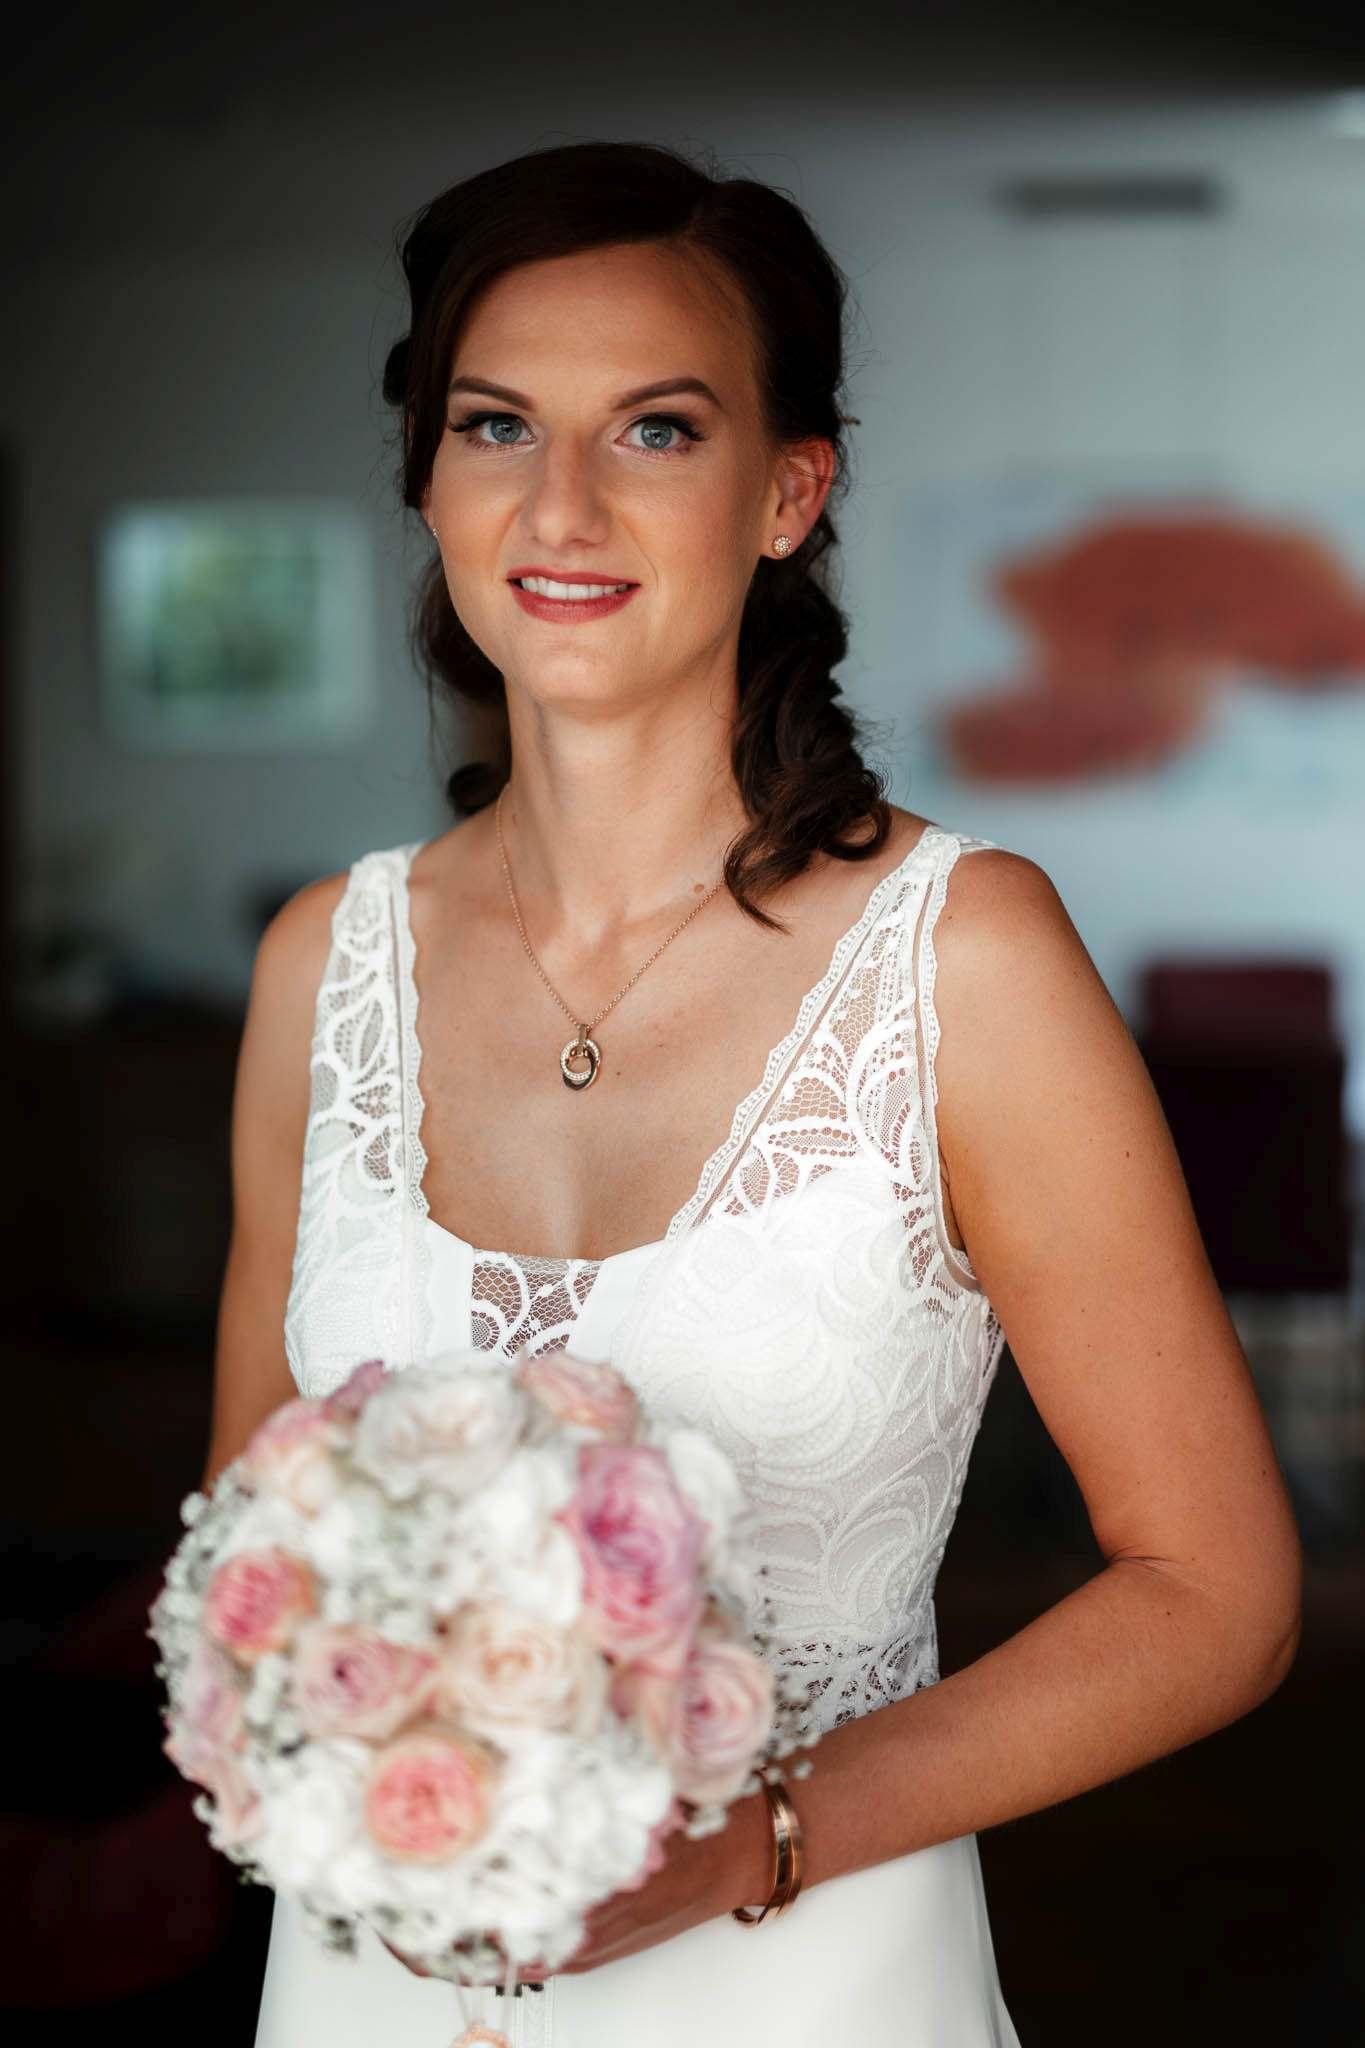 Als Hochzeitsfotograf im Weingut Junghof Undenheim: Hochzeit von Tamara und Martin 21